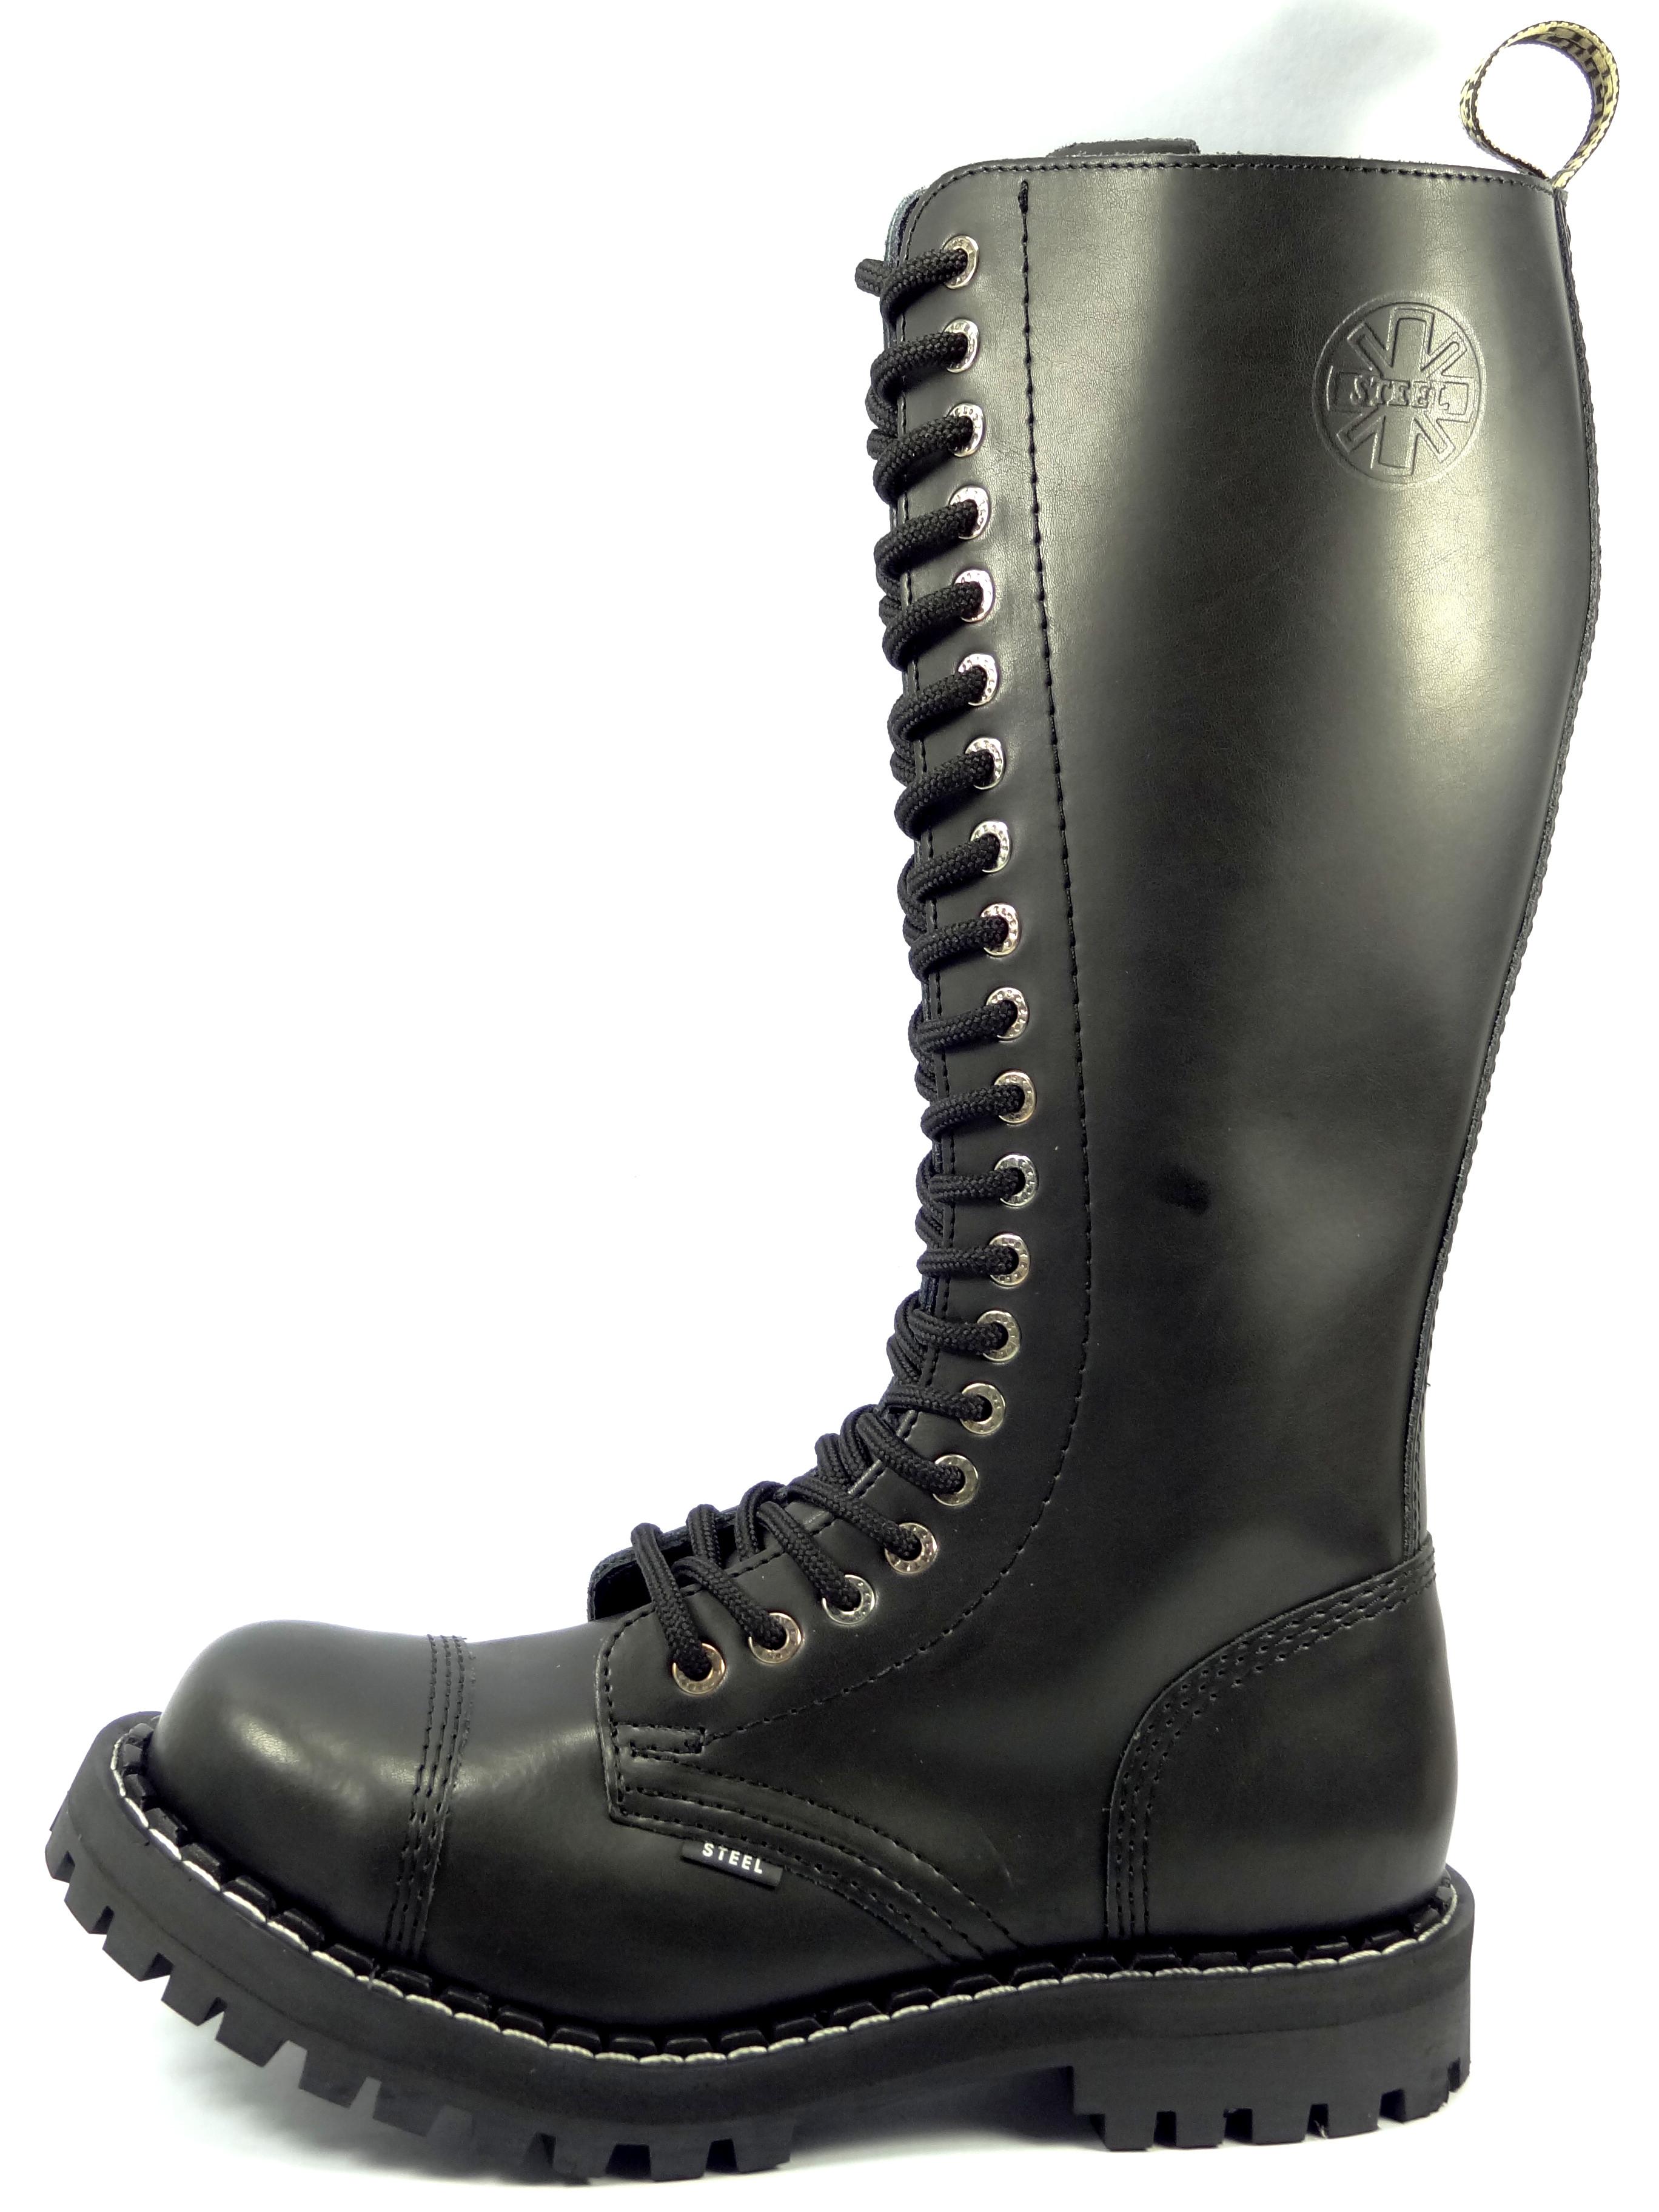 8f9919bd0b2 Steel boty 20 dírkové černé - pouze šněrovací